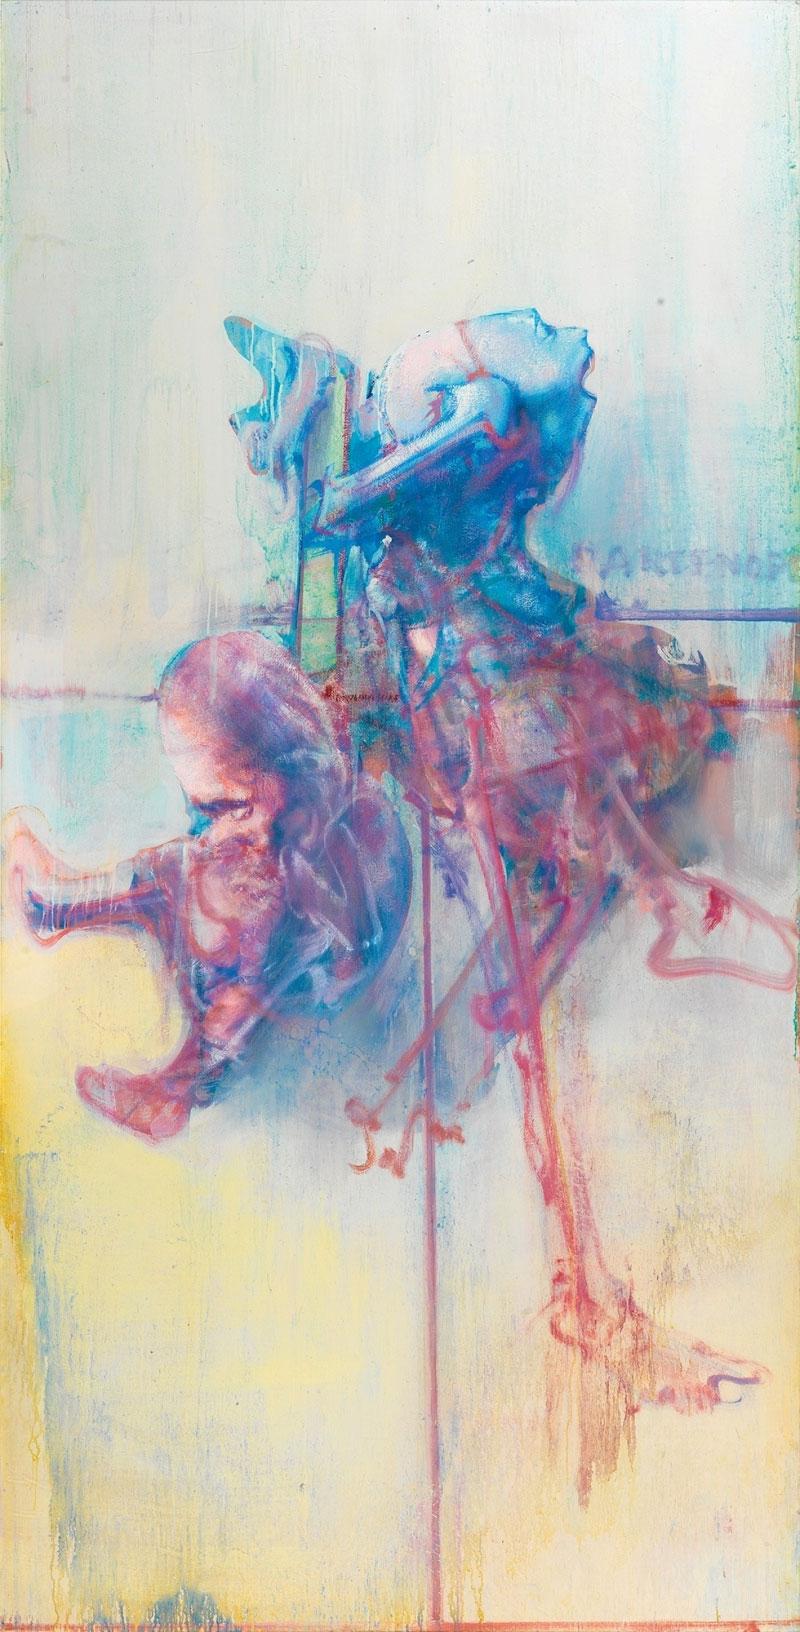 Dado's painting: Partenope, 1990-1991